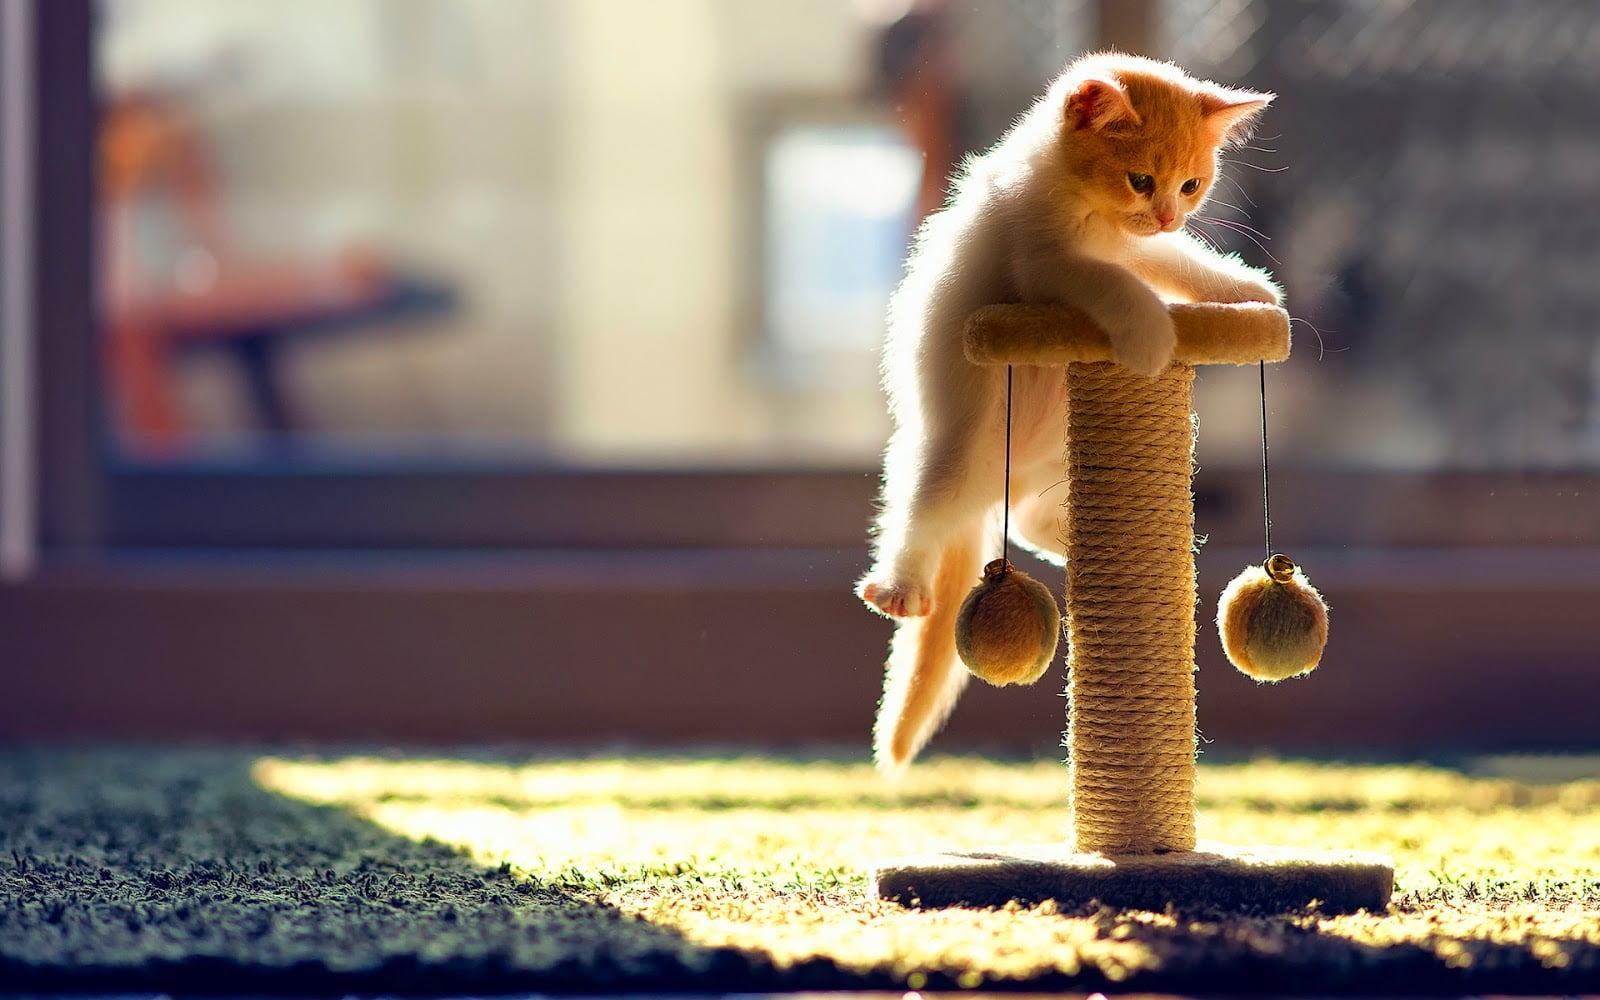 Hình ảnh chú mèo con đang chơi đùa thật đáng yêu